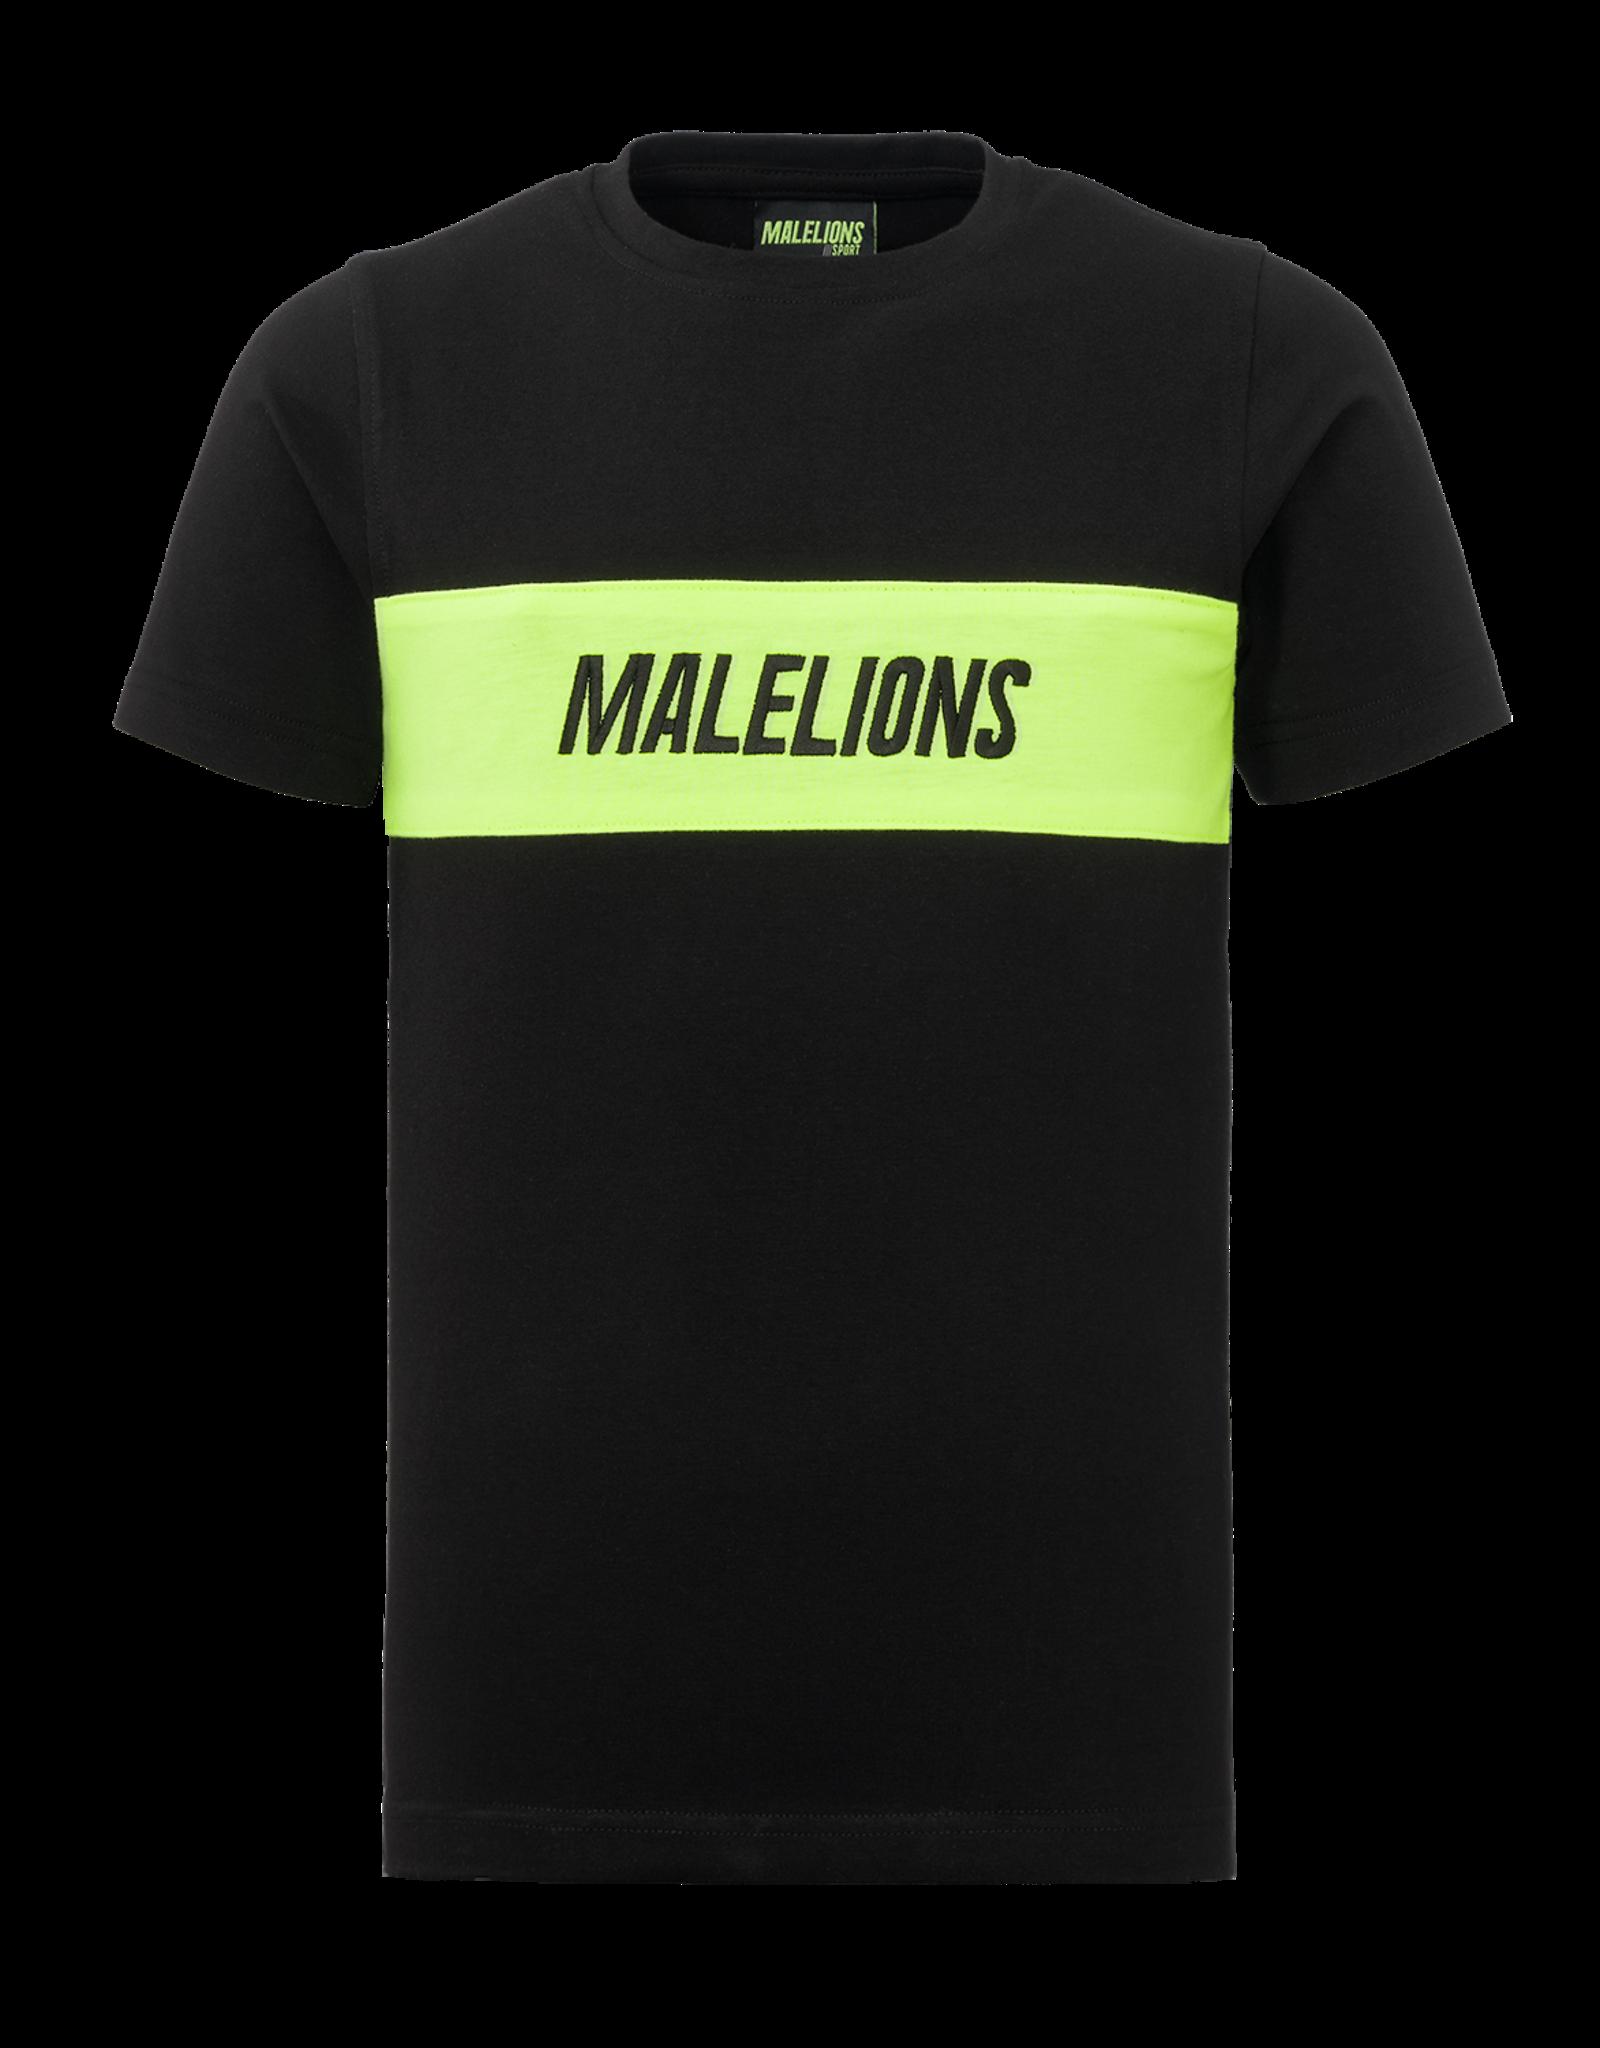 Malelions Junior Uraenium T-shirt Black - Neon Yellow